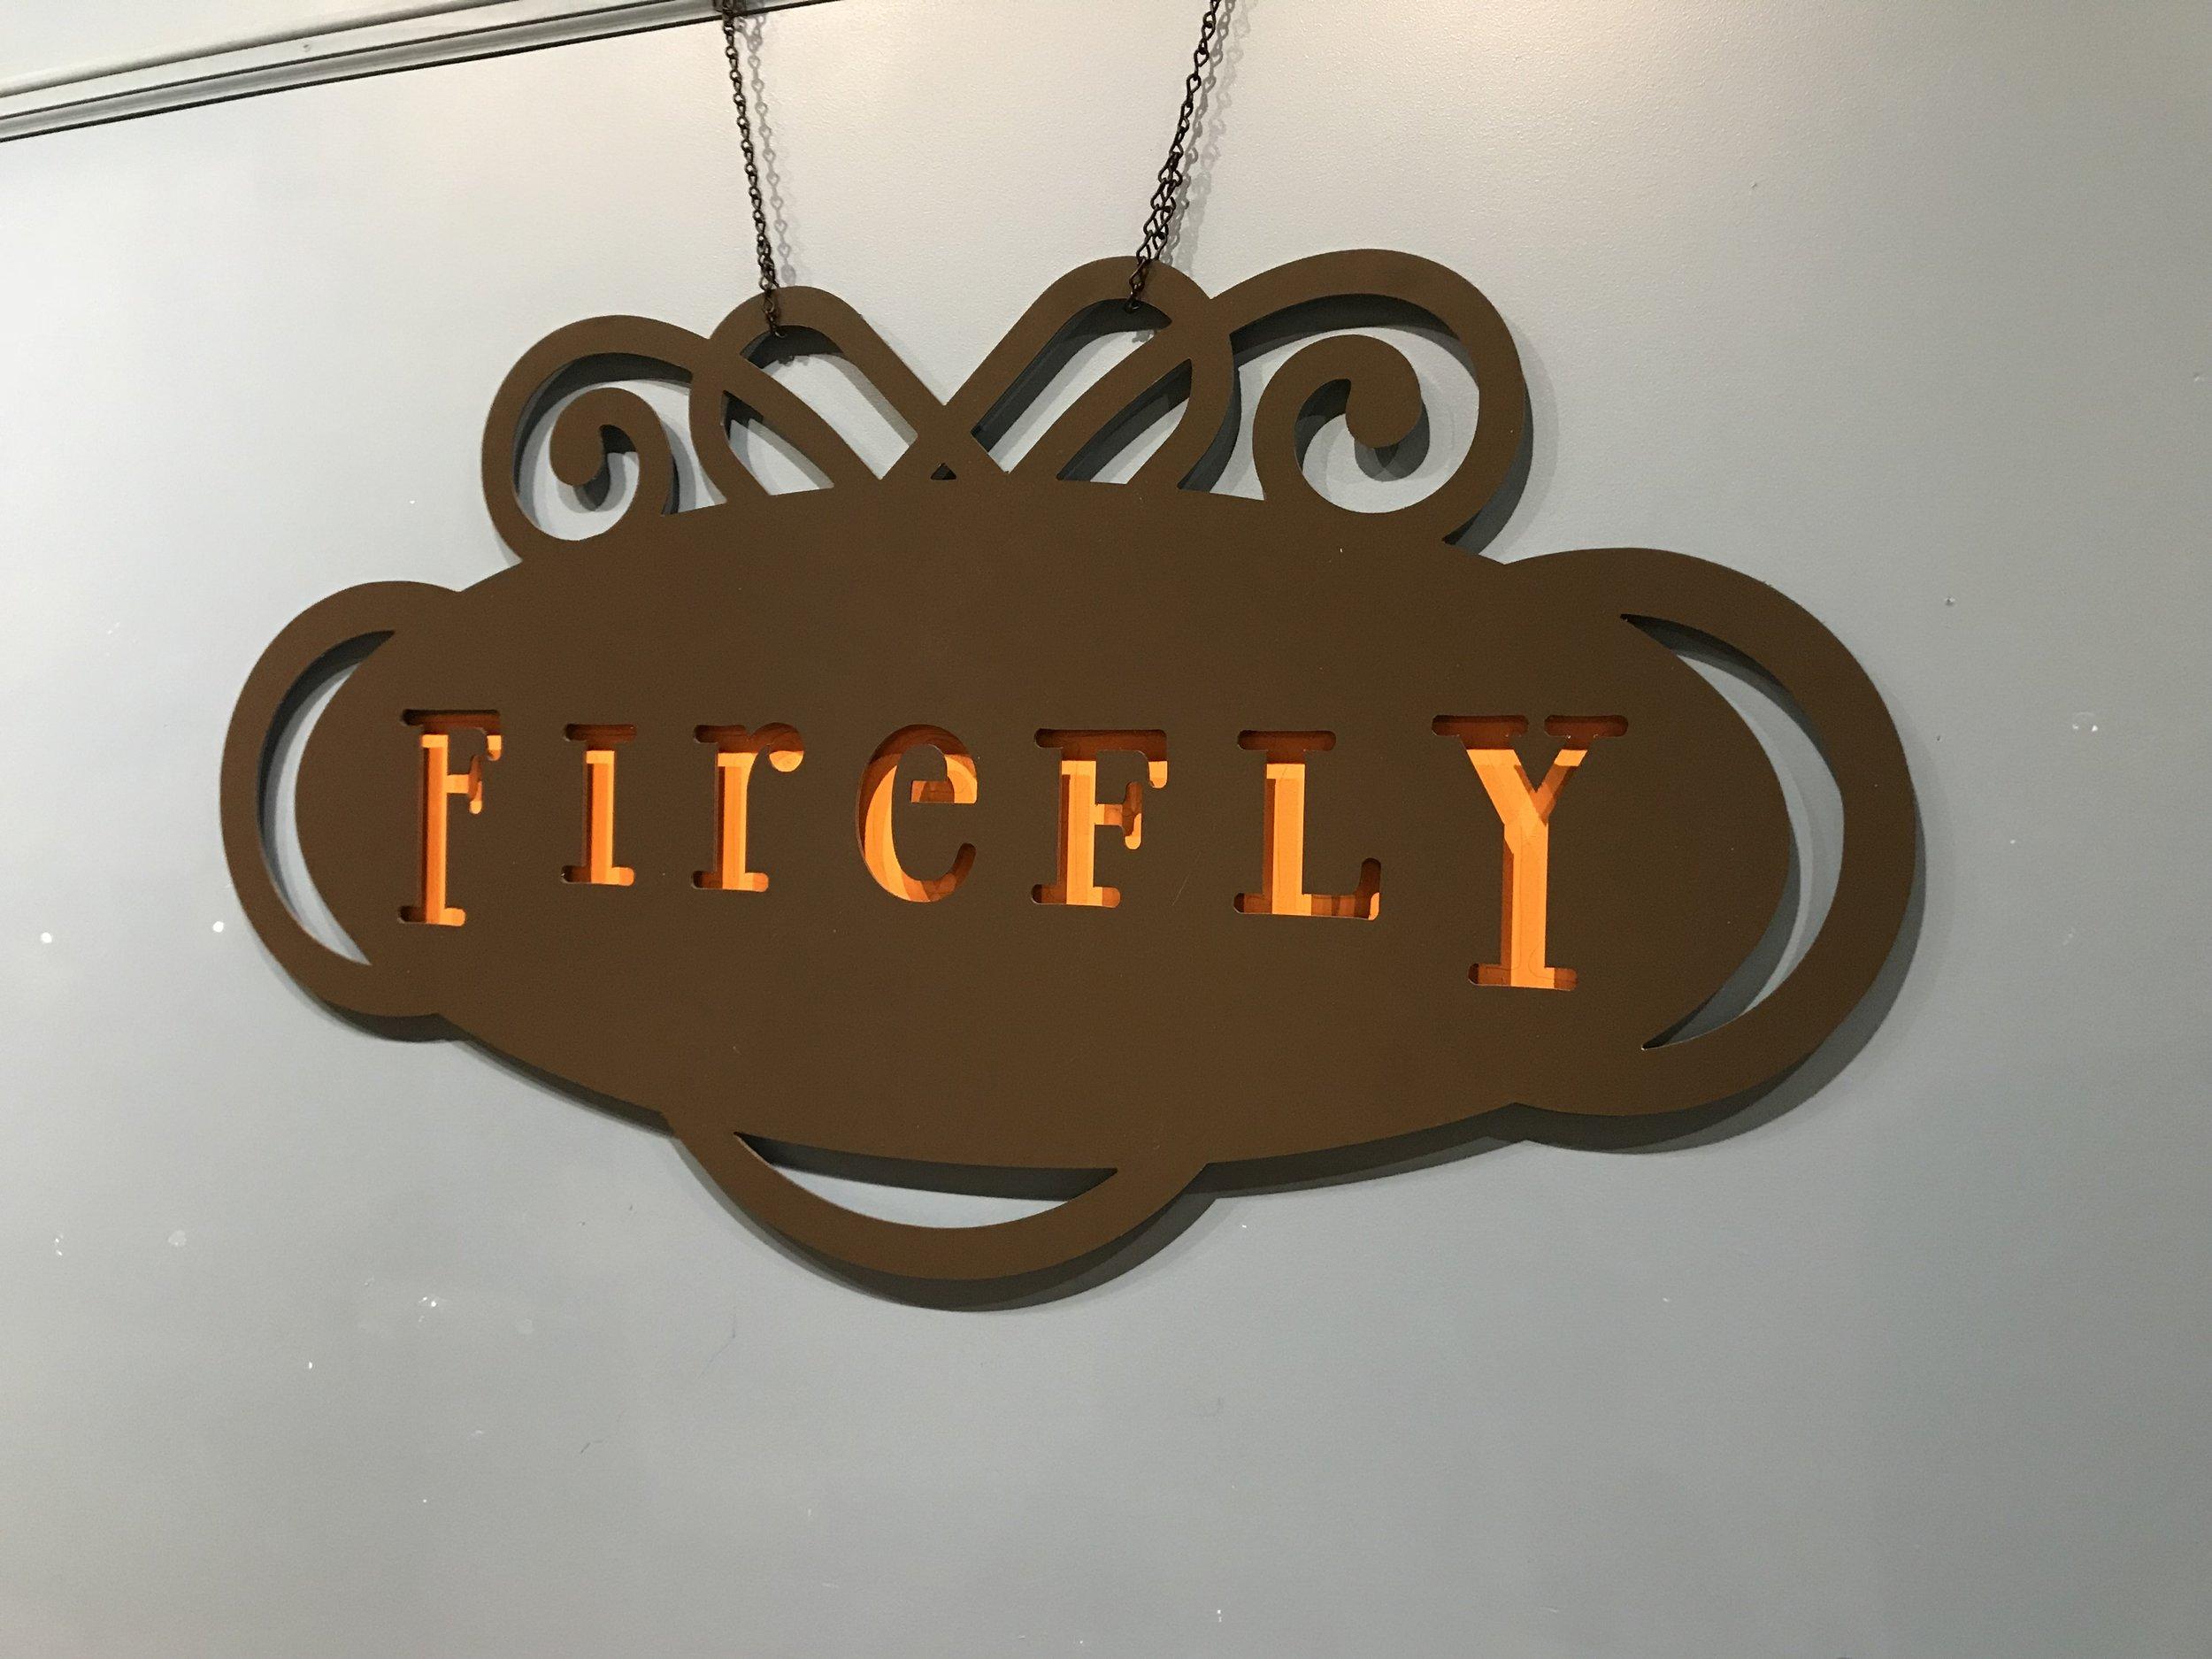 Firefly Coffee House - Oregon, Wi  Size - 2' x 4'